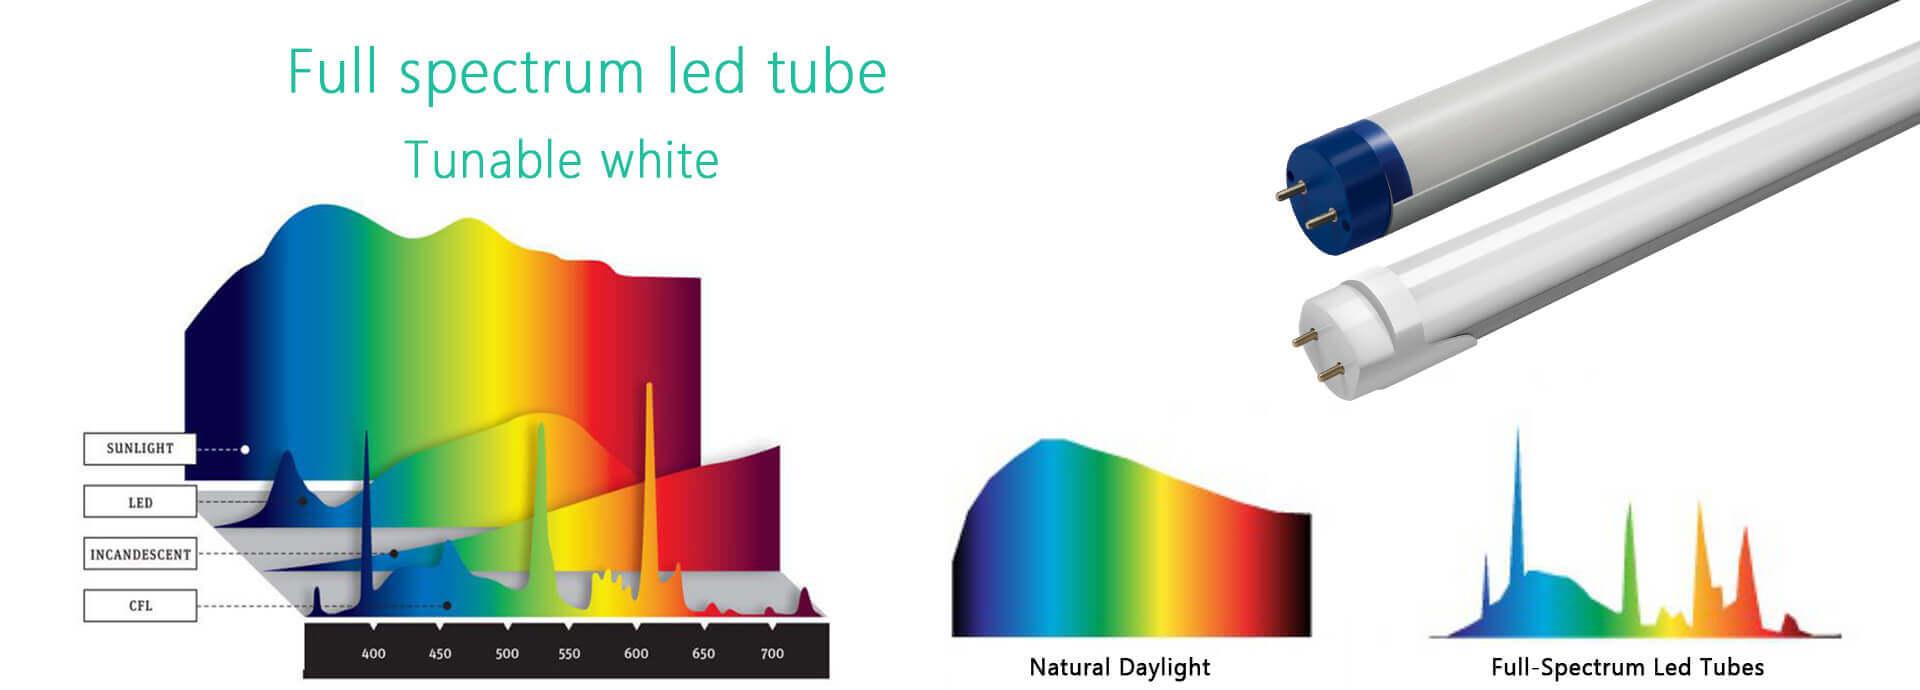 full-spectrum led tube CRI>97